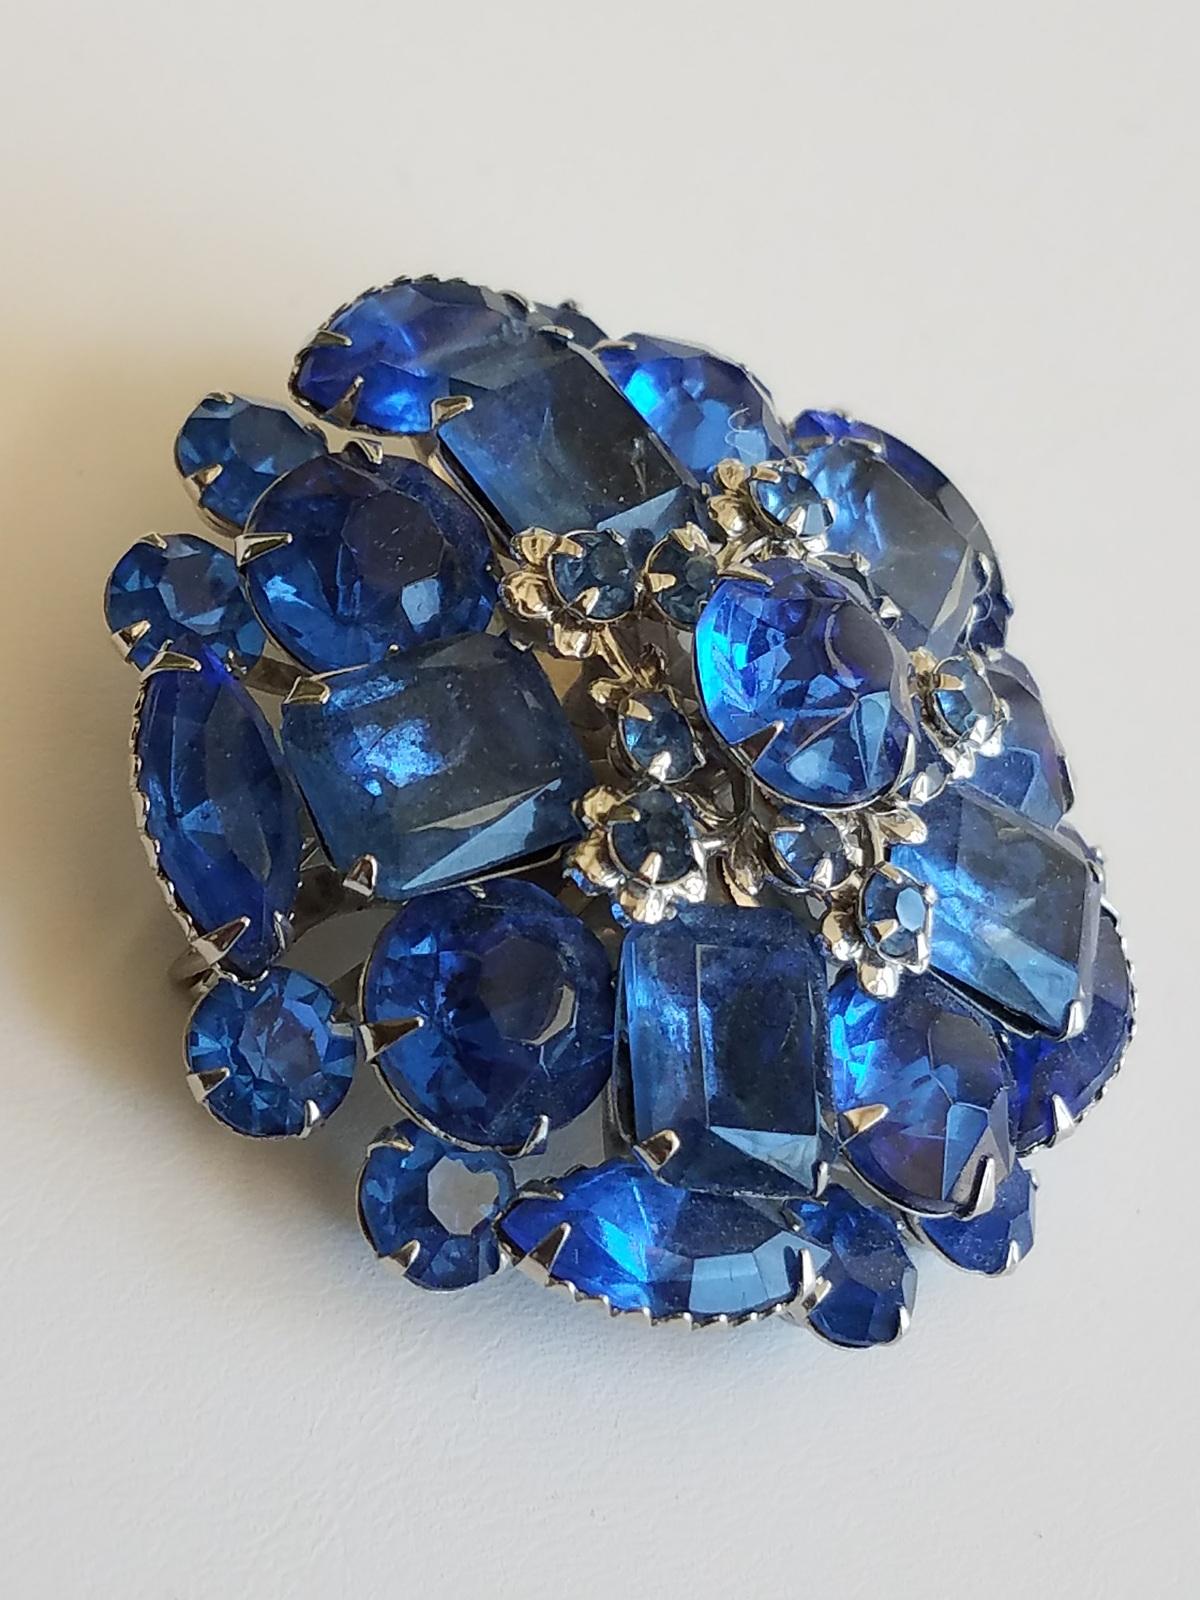 Vintage Blue Rhinestone Brooch, Domed Brooch, Silver Tone Metal, Vintage Pin